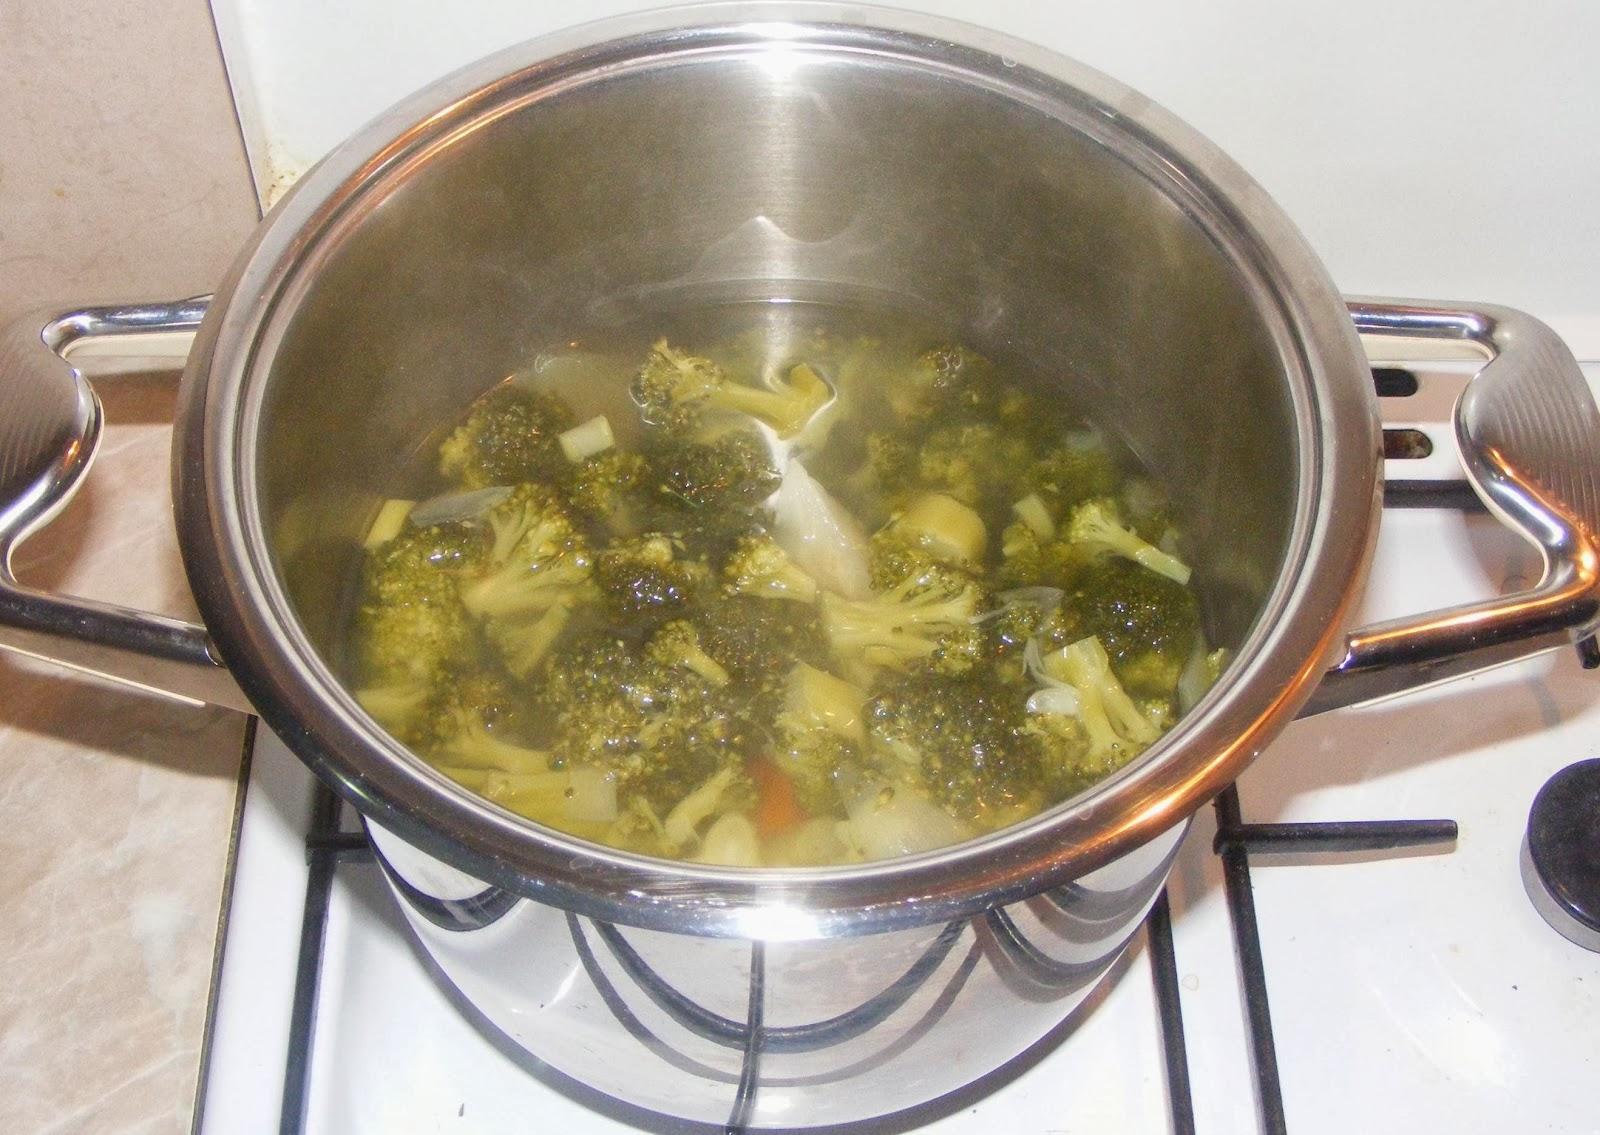 retete de post, retete broccoli, broccoli retete, supa crema de broccoli, retete culinare, supa crema de brocoli, supa crema brocoli, supa de brocoli, retete de mancare, preparate culinare,